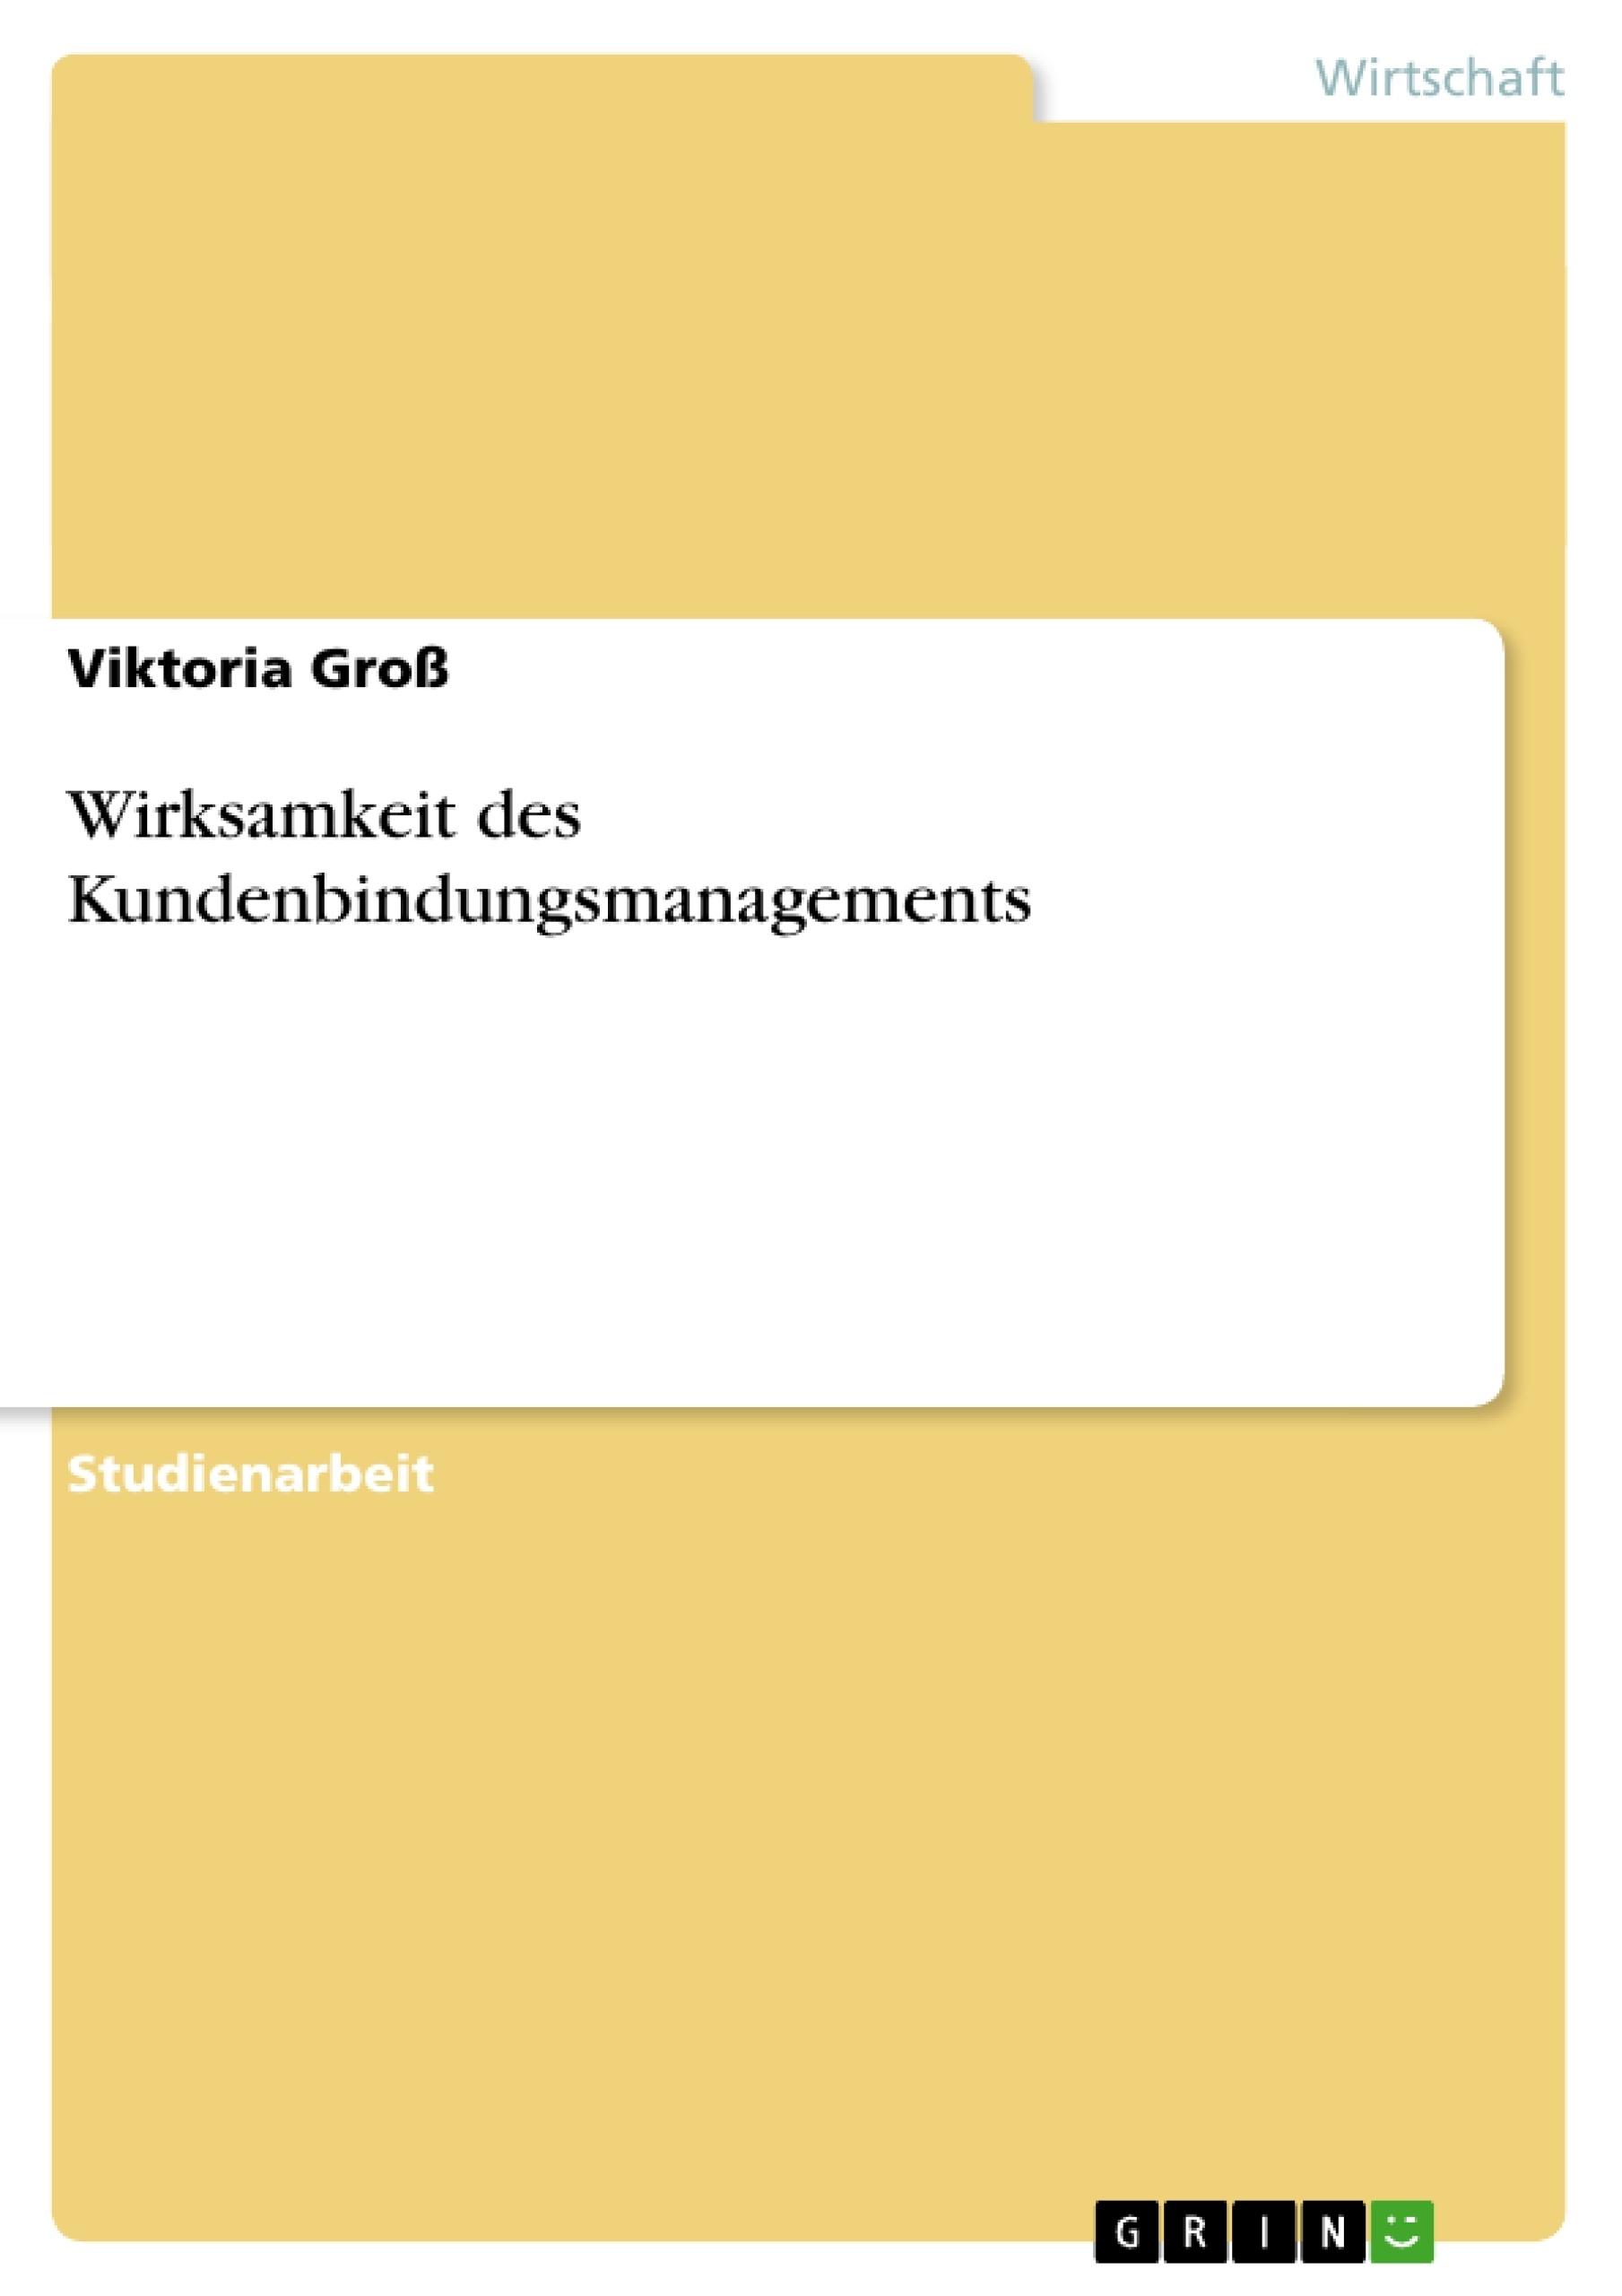 Titel: Wirksamkeit des Kundenbindungsmanagements